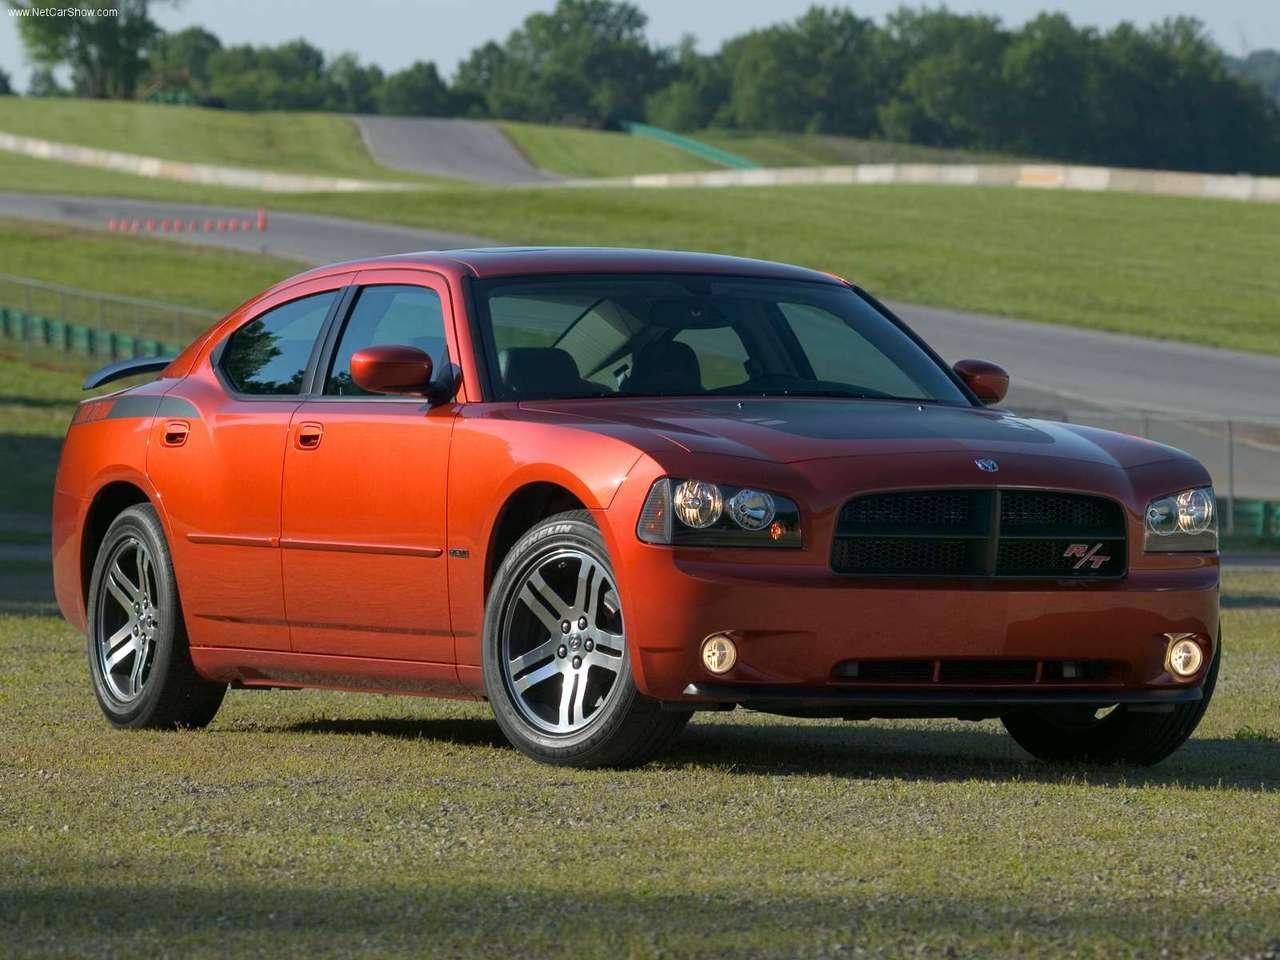 2006 Dodge Charger Daytona Rt